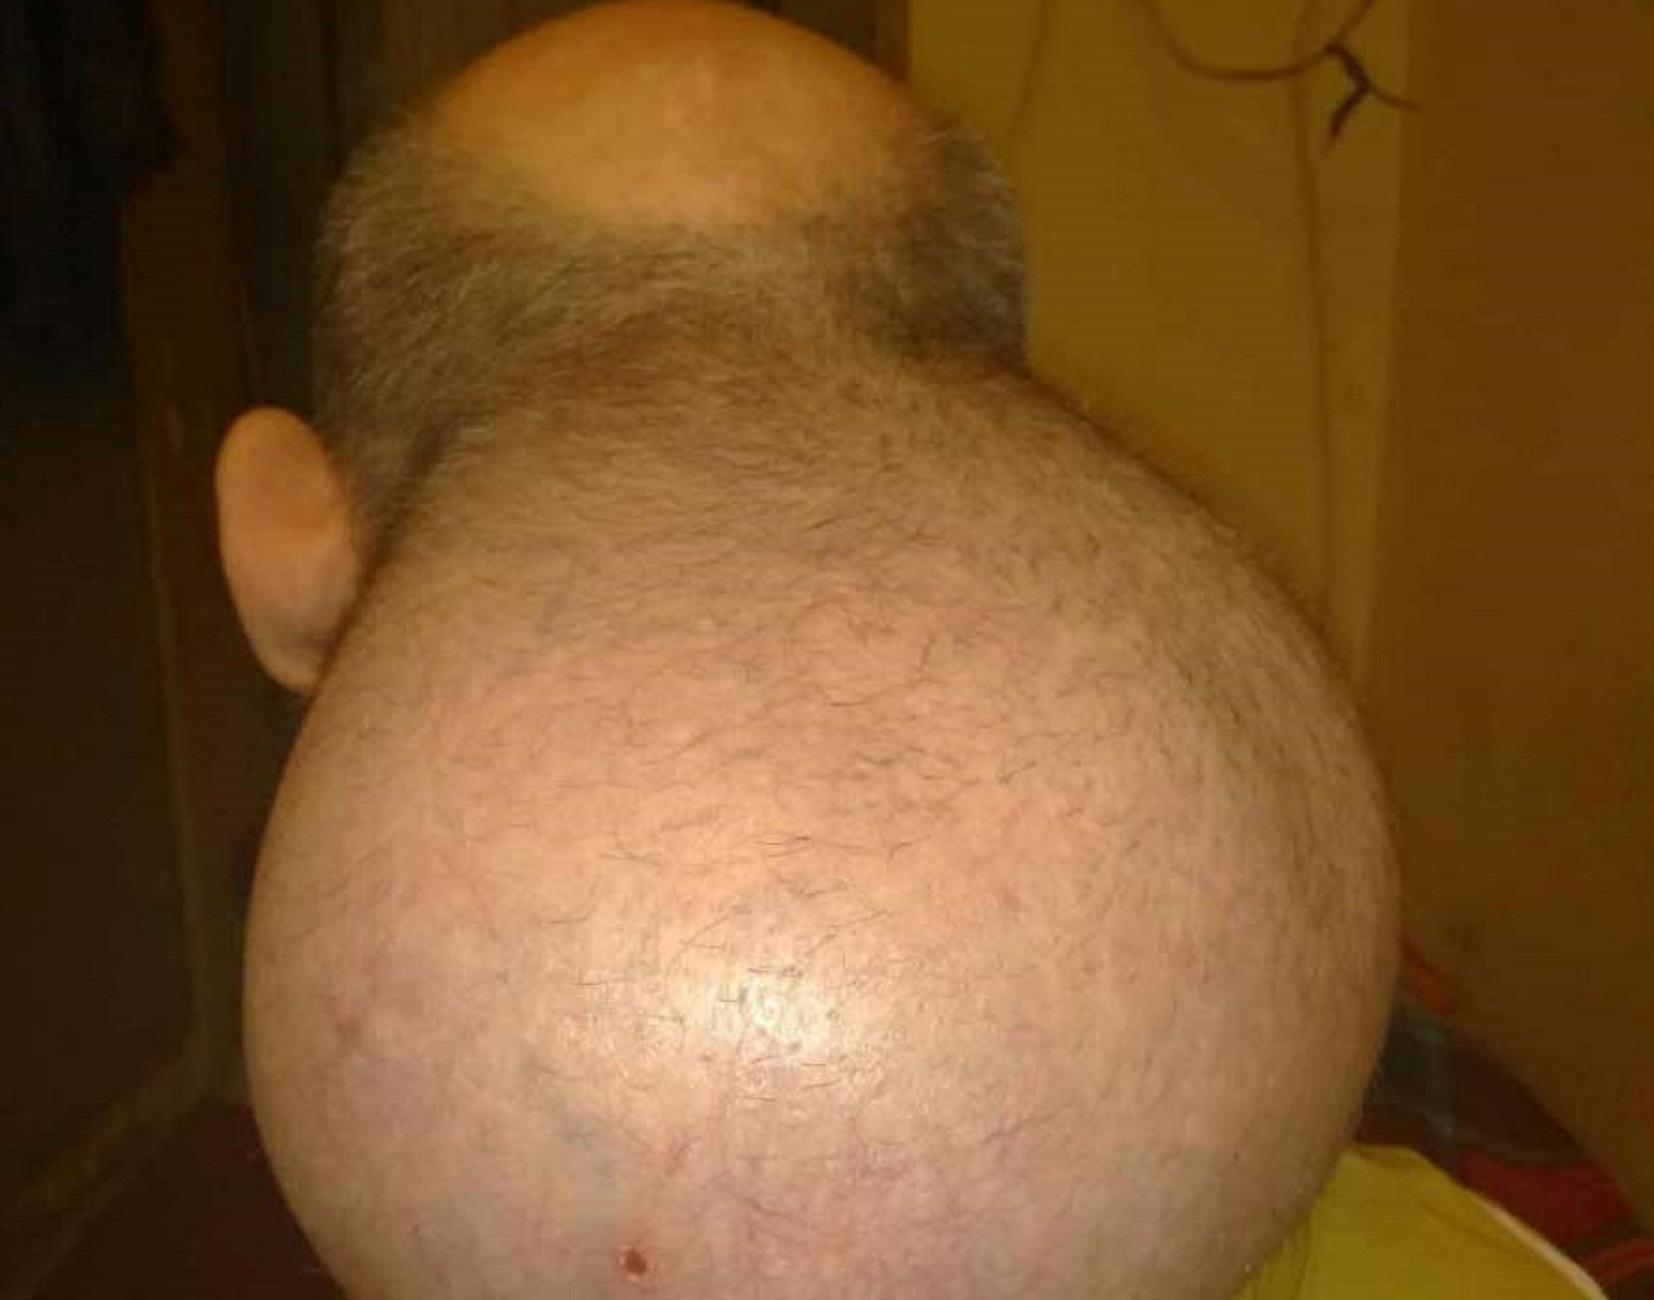 Σέρρες: Κρατούμενος με όγκο στο κεφάλι που μεγαλώνει συνεχώς! Το ξέσπασμα και η κραυγή αγωνίας του [pic, video]